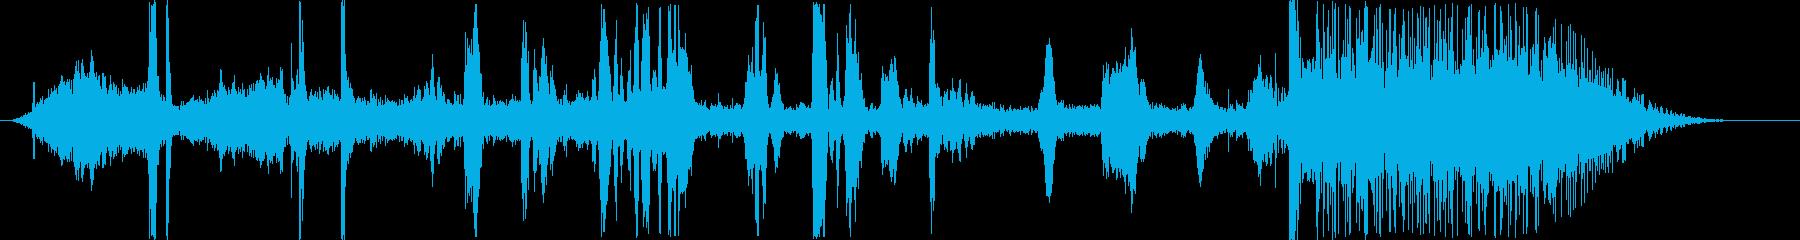 トンボラの再生済みの波形